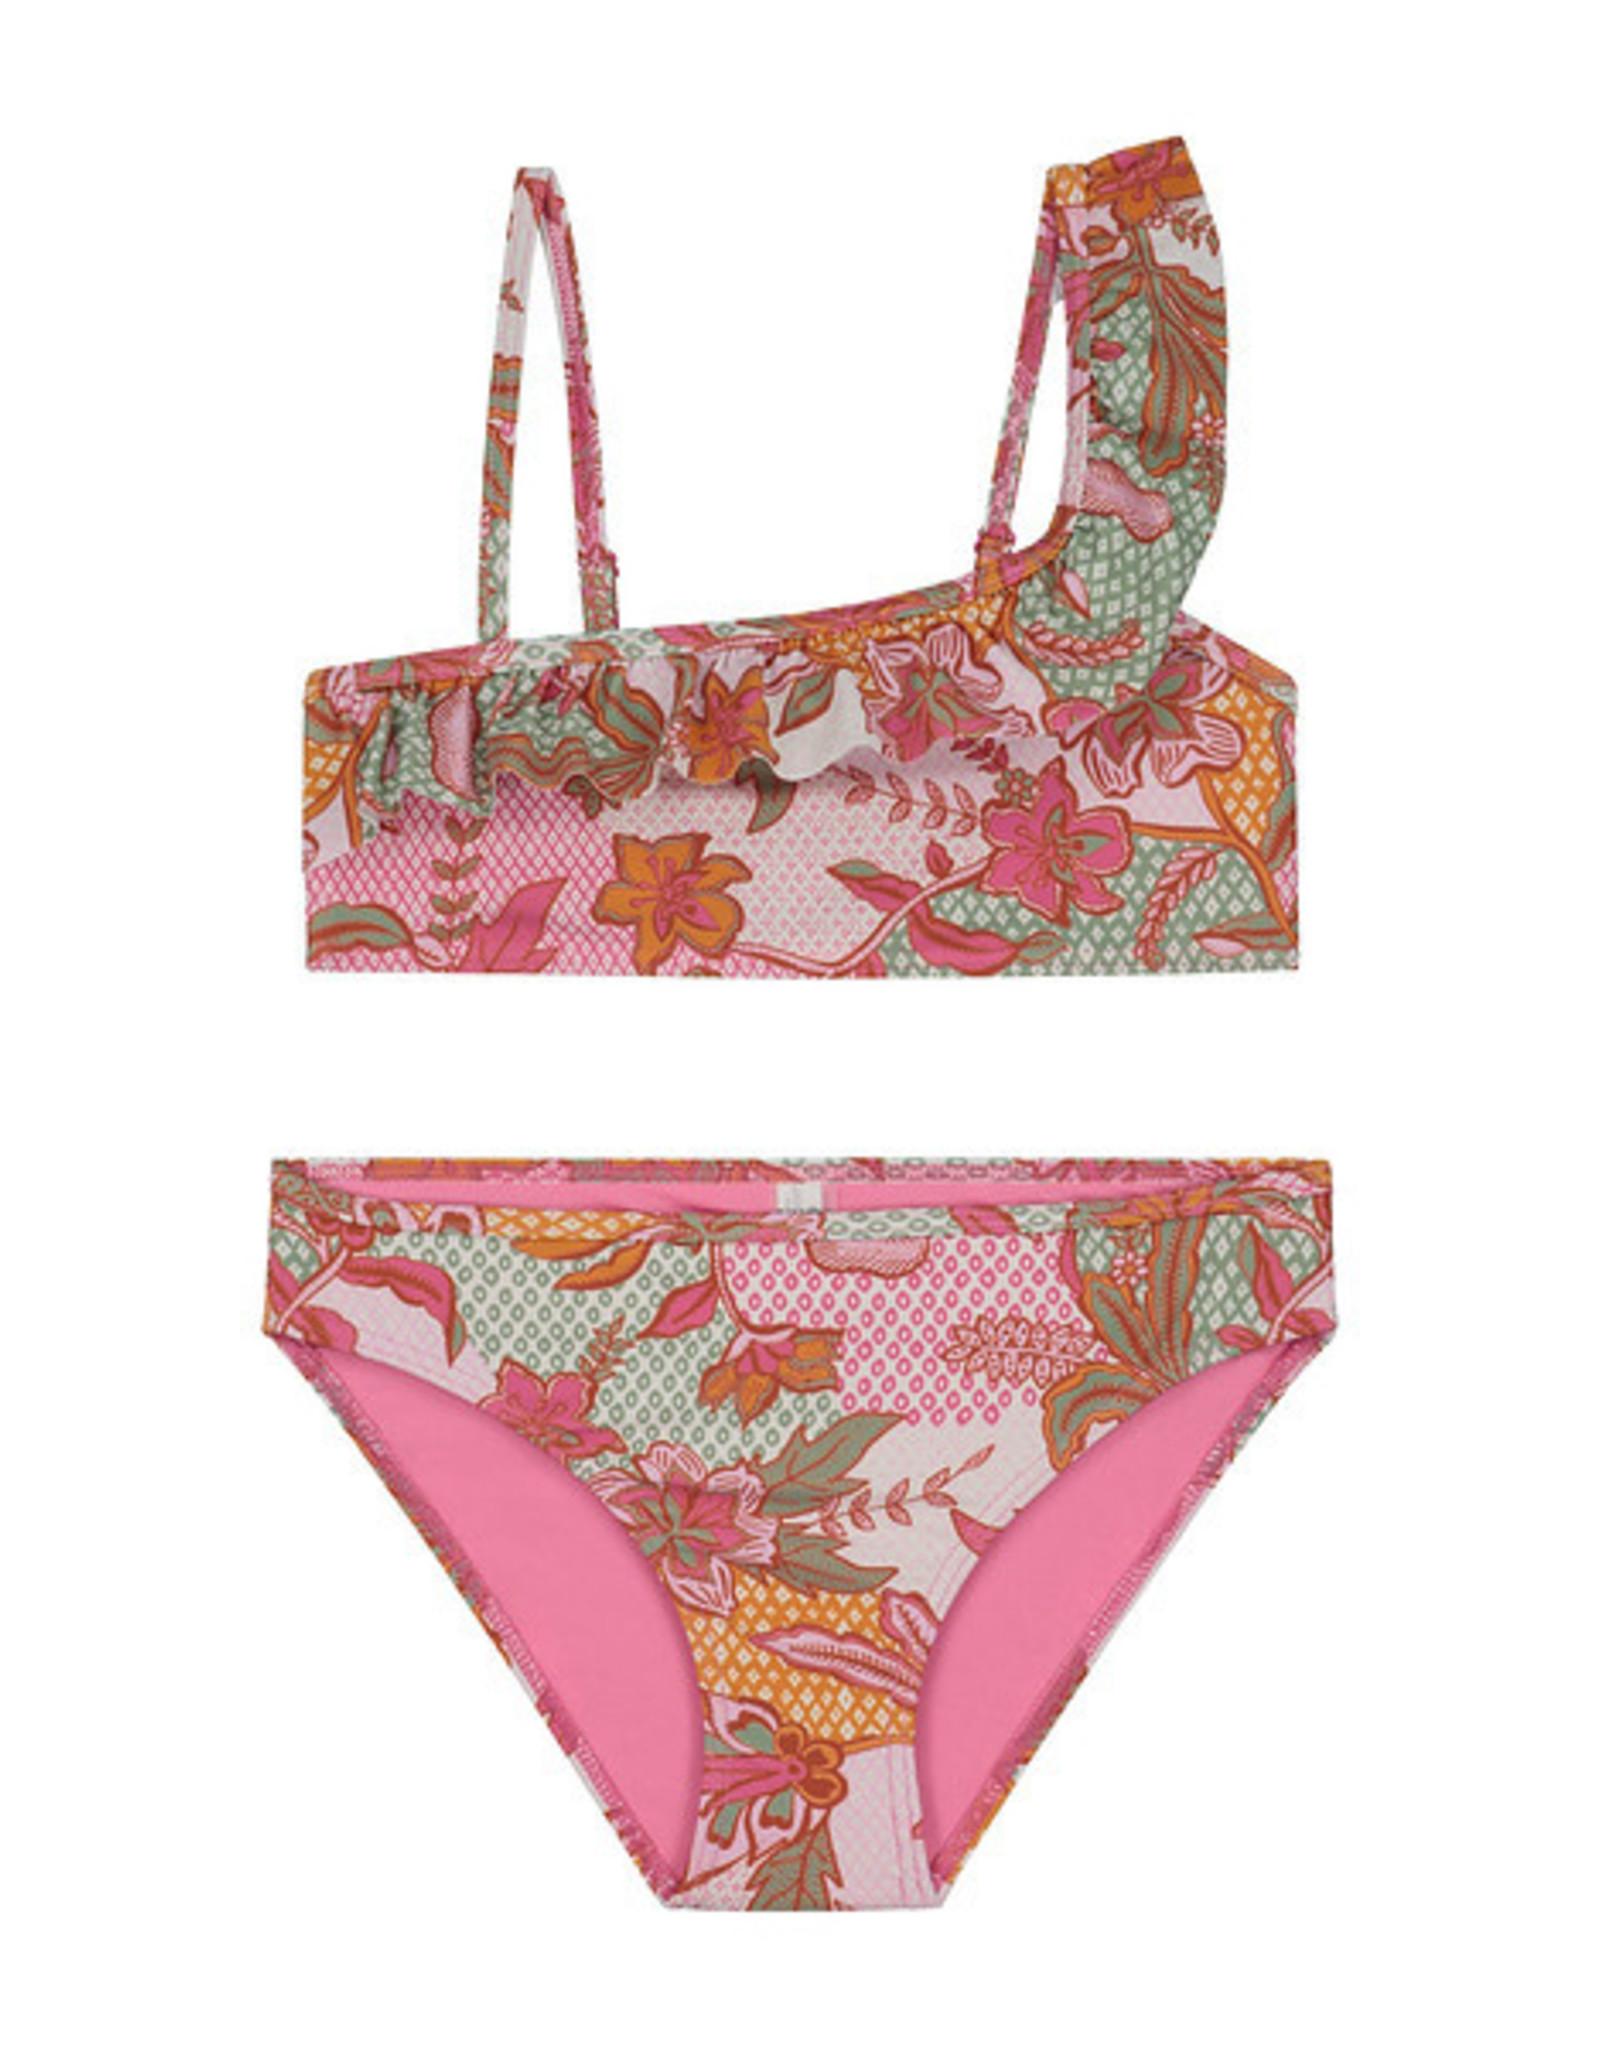 Shiwi Shiwi bikini batik one shoulder scoop top bloemenprint